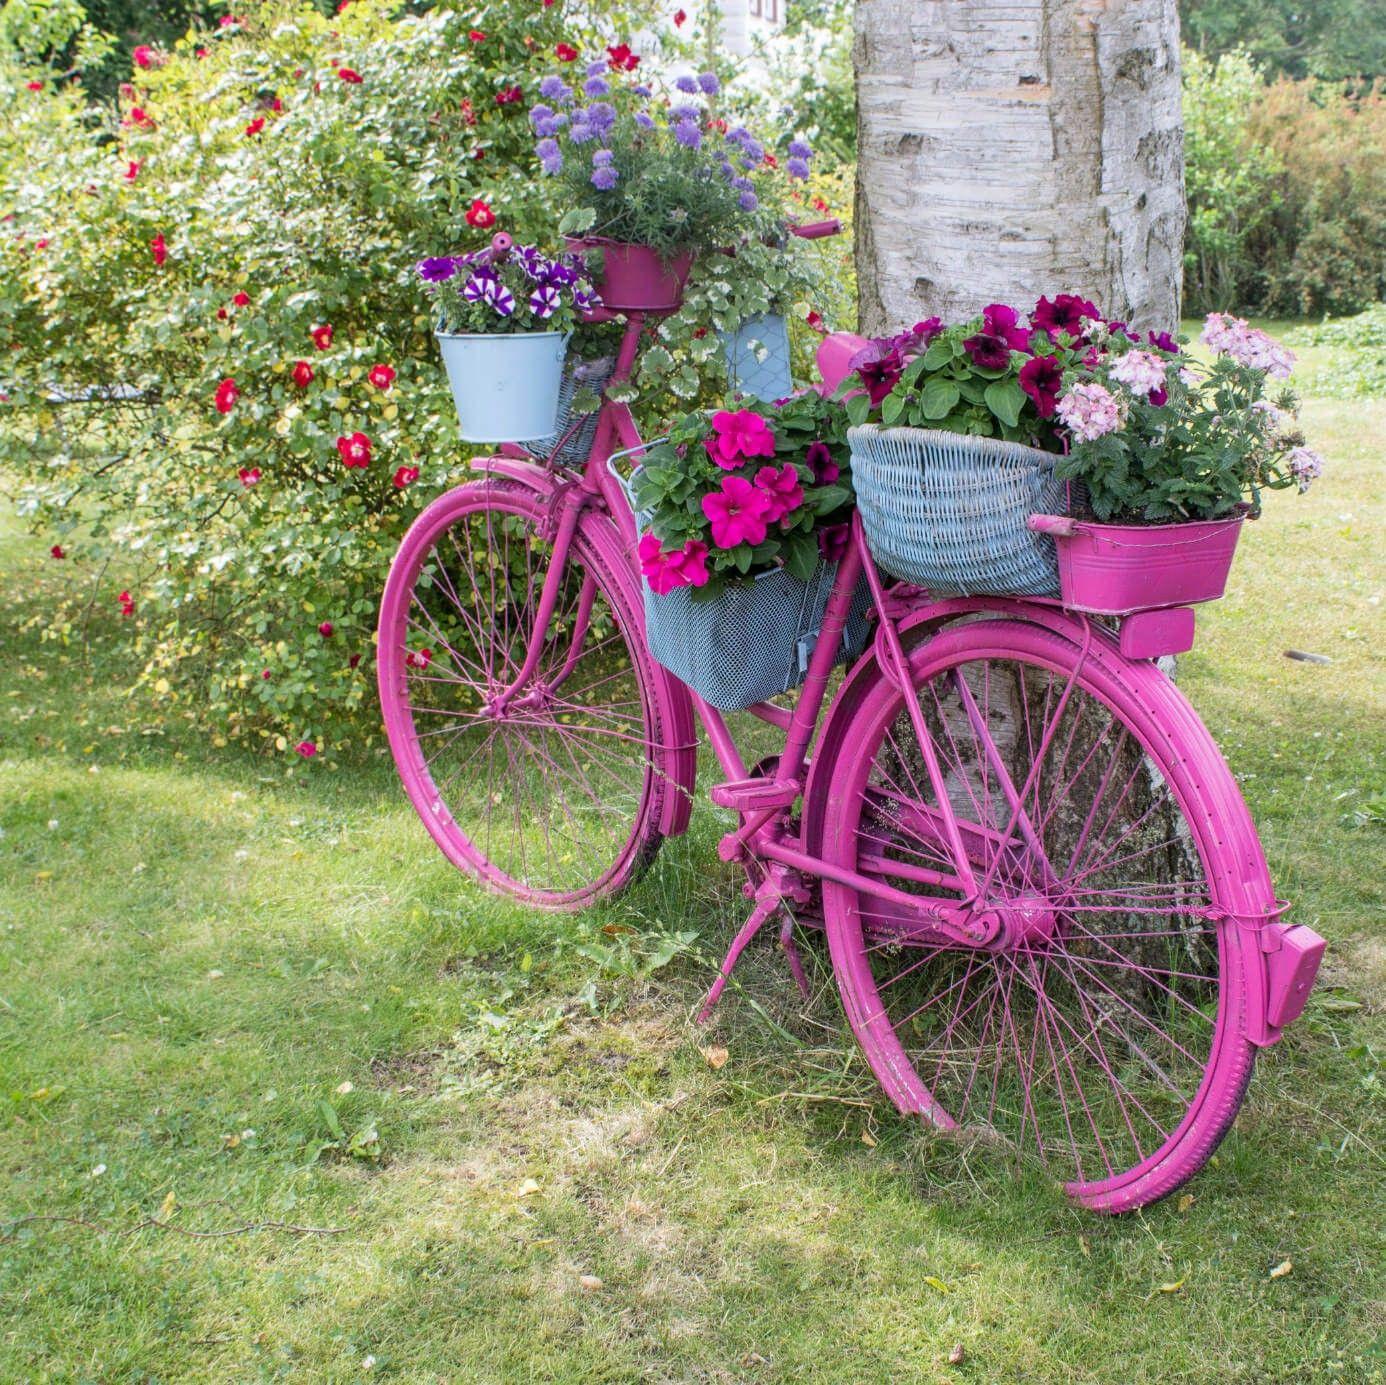 rosa fahrrad ausgestattet mit vielen blumen inhaber 33. Black Bedroom Furniture Sets. Home Design Ideas